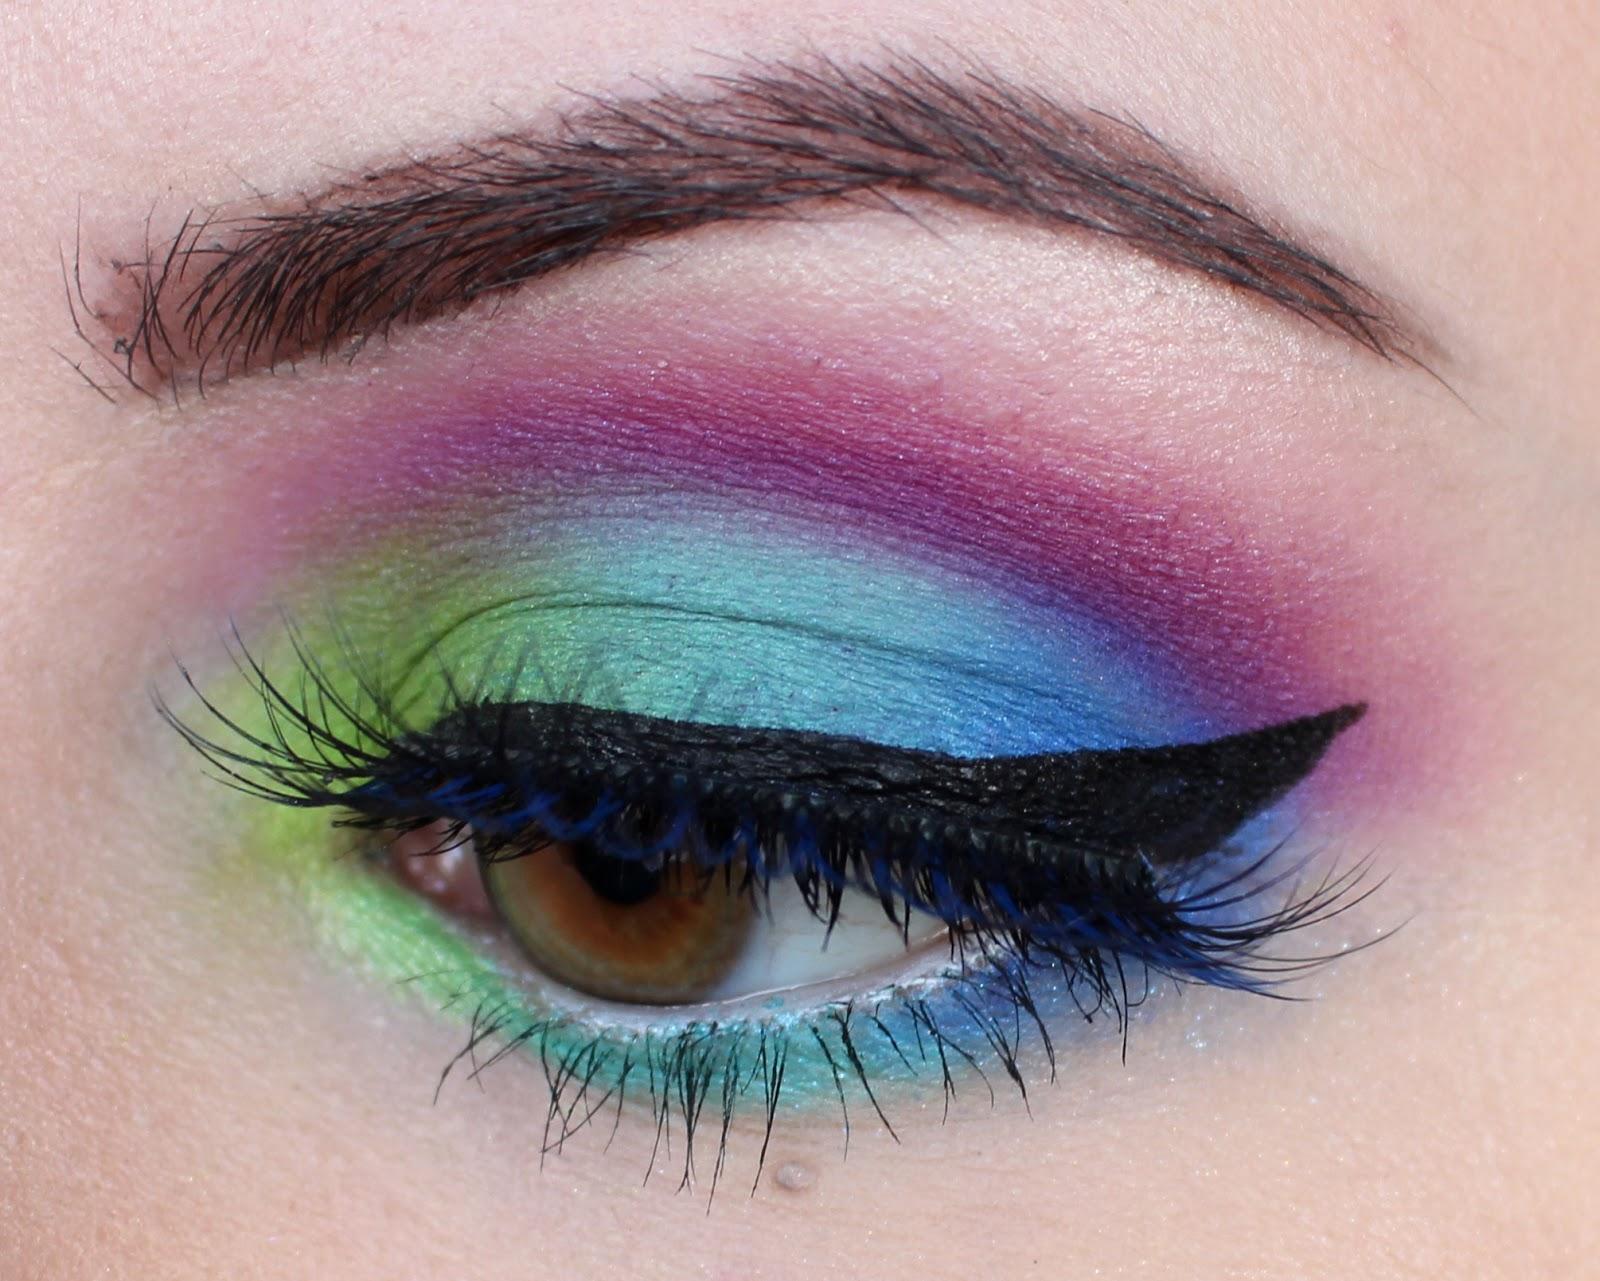 Цветни изкуствени мигли или такива за корекция